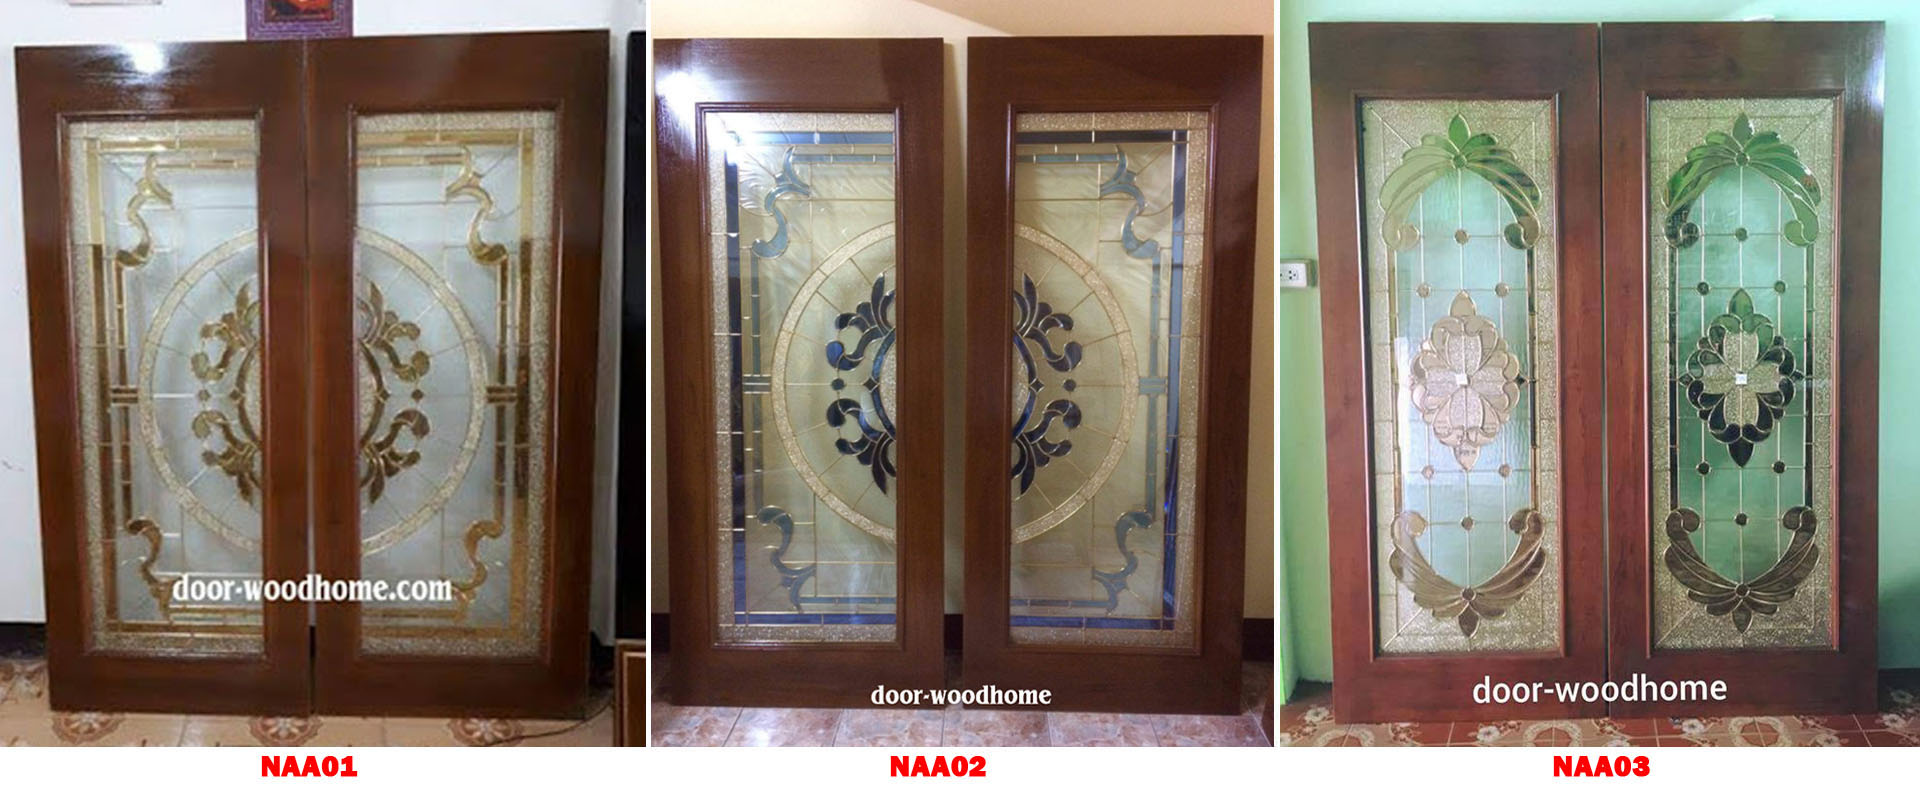 ร้านวรกานต์ค้าไม้ จำหน่ายประตูไม้สัก,ประตูไม้สักกระจกนิรภัย, ประตูไม้สักบานคู่, ประตูไม้สักบานเดี่ยว,ประตูไม้สักบานเลื่อน